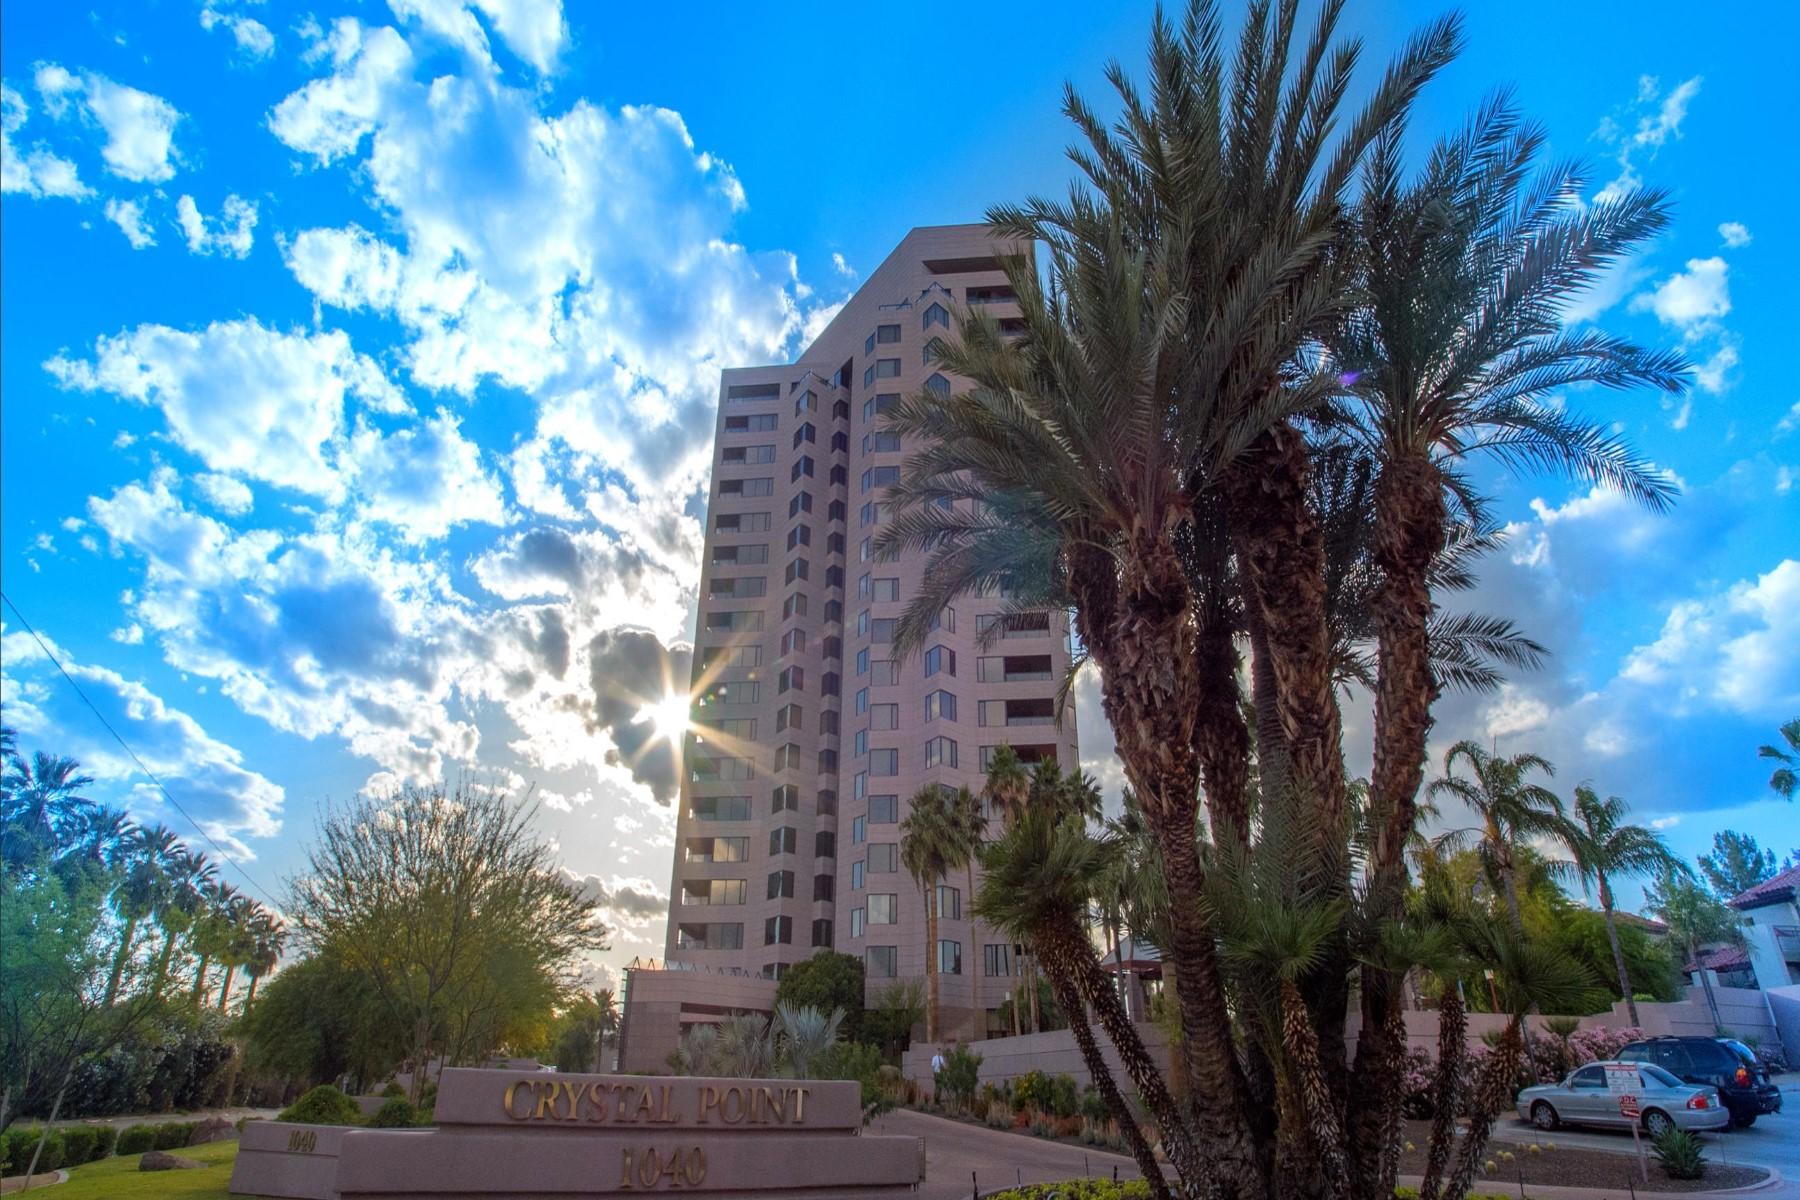 Wohnung für Verkauf beim Phoenix's premier high-rise destination 1040 E Osborn Rd #304 Phoenix, Arizona, 85014 Vereinigte Staaten